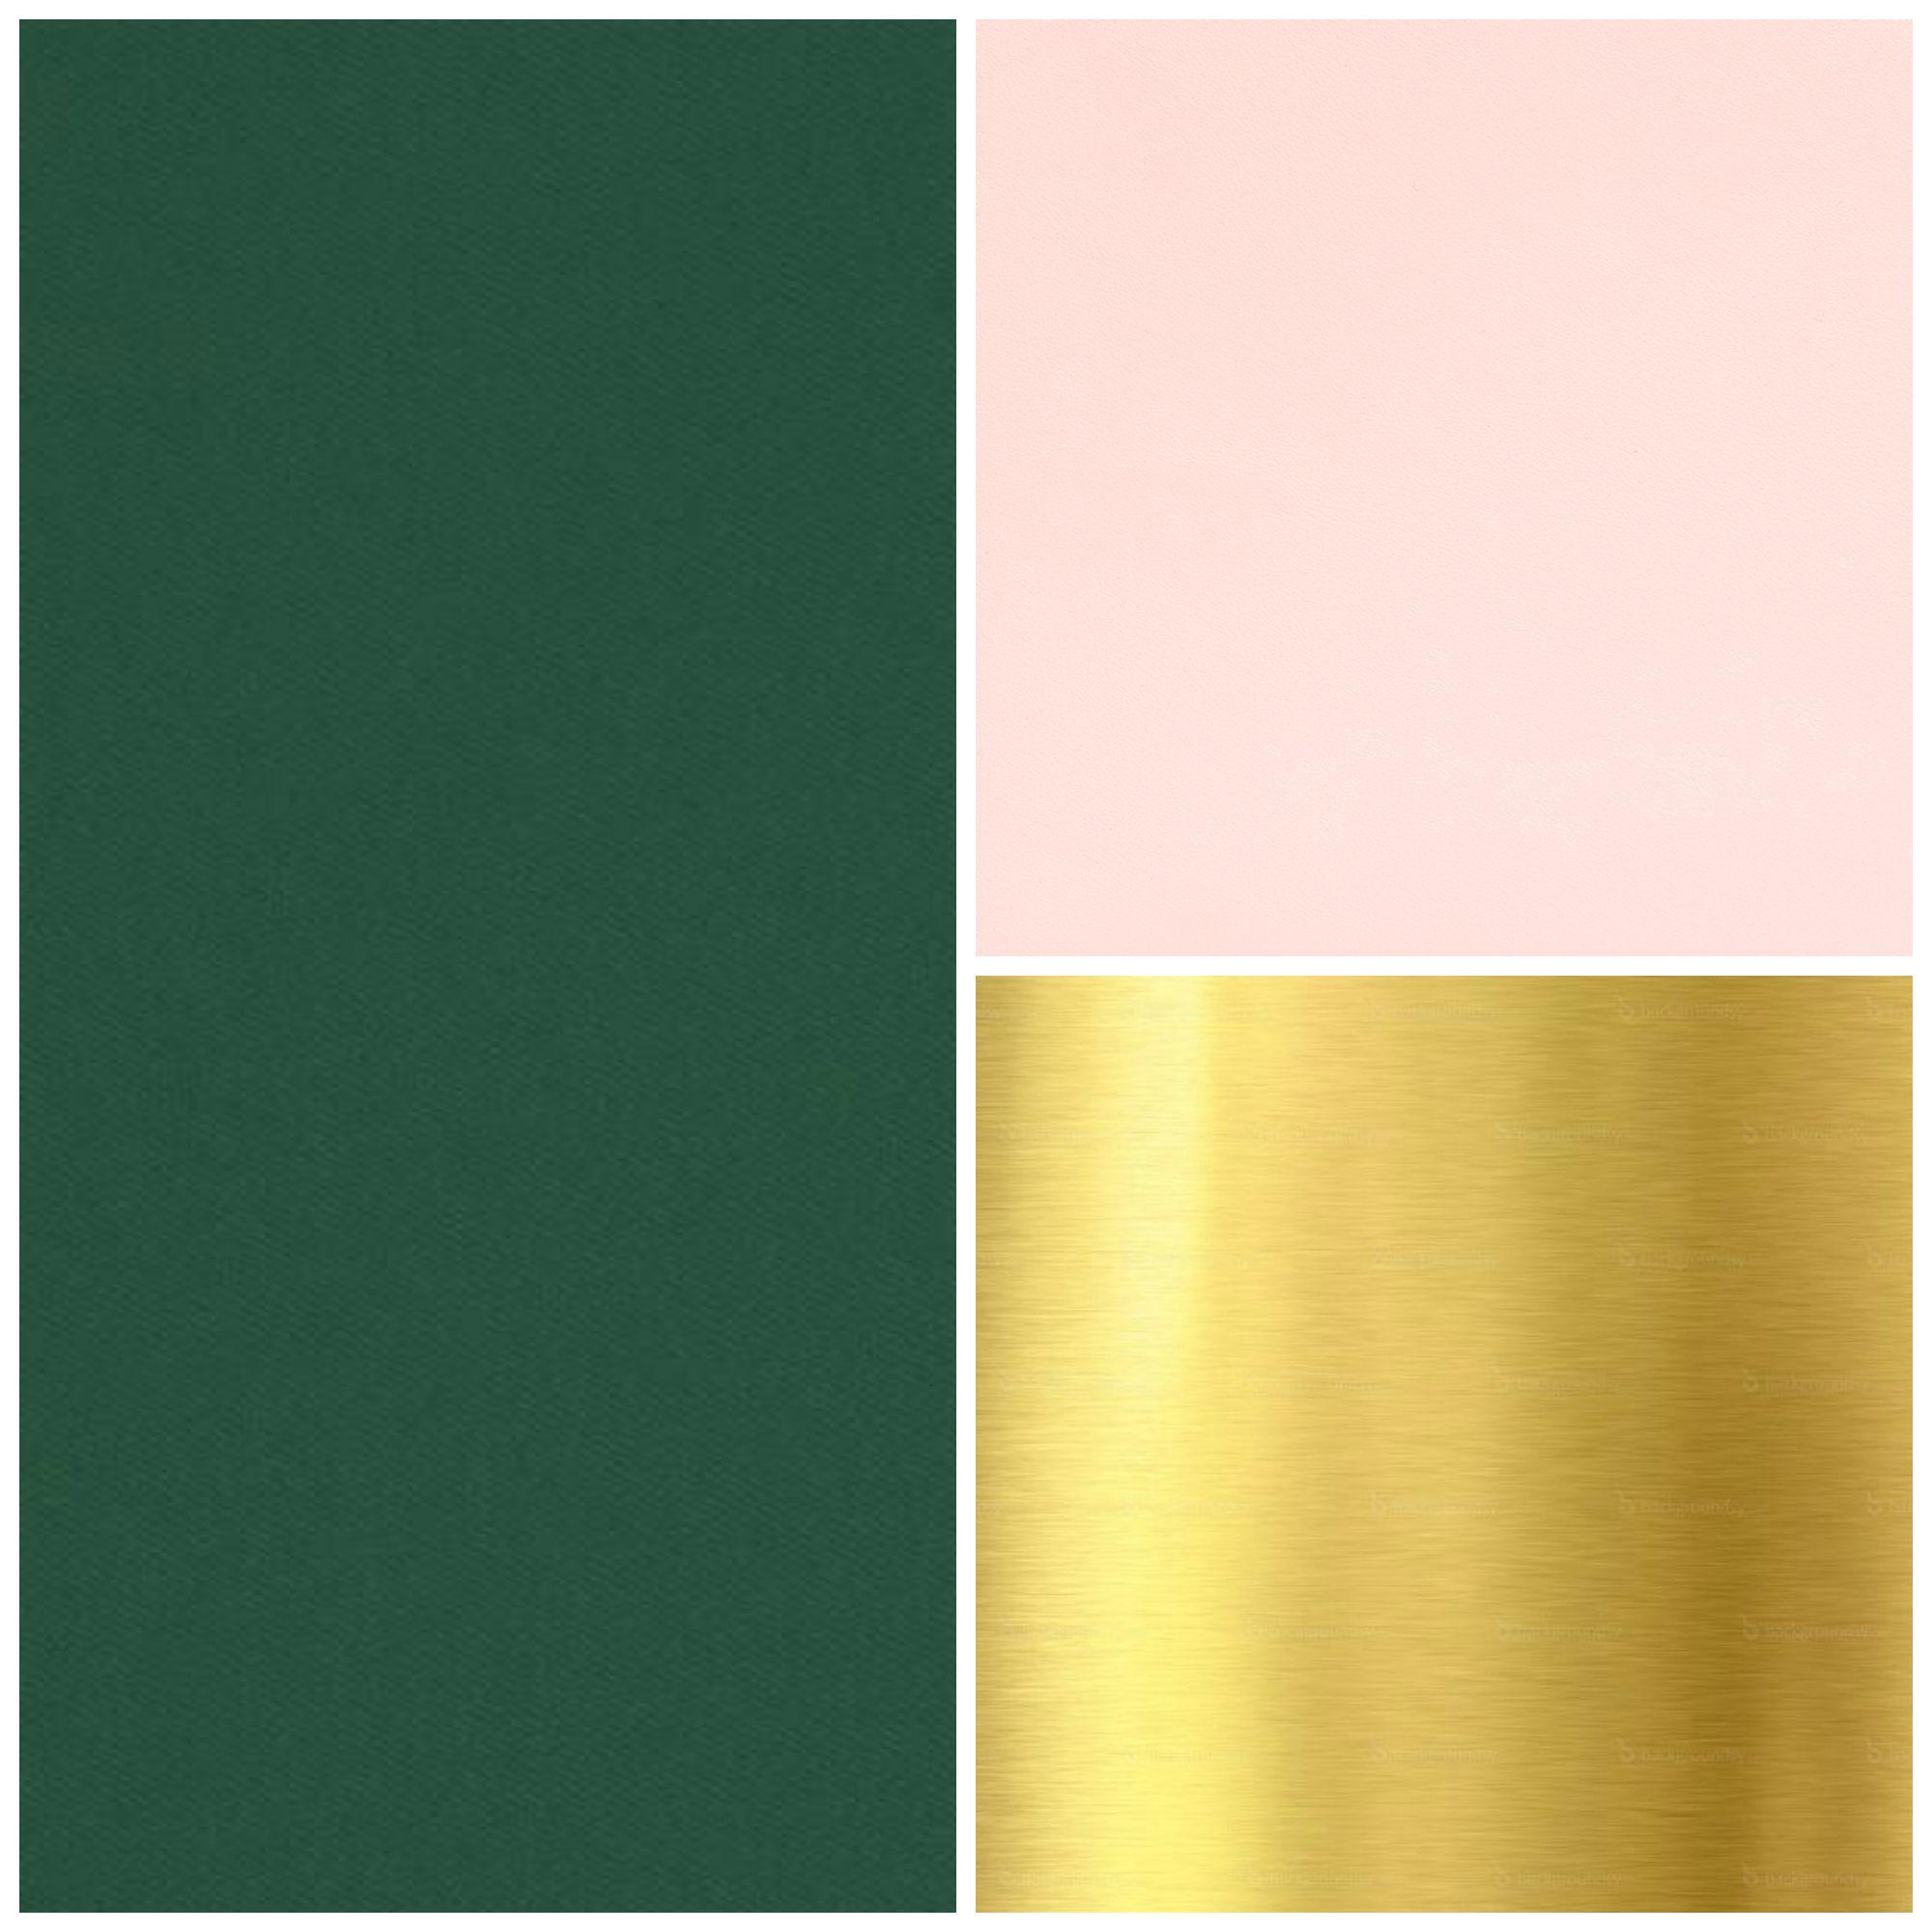 Dark Green Blush And Gold Wedding Color Scheme Green Colour Palette Green Carpet Blush Color Palette